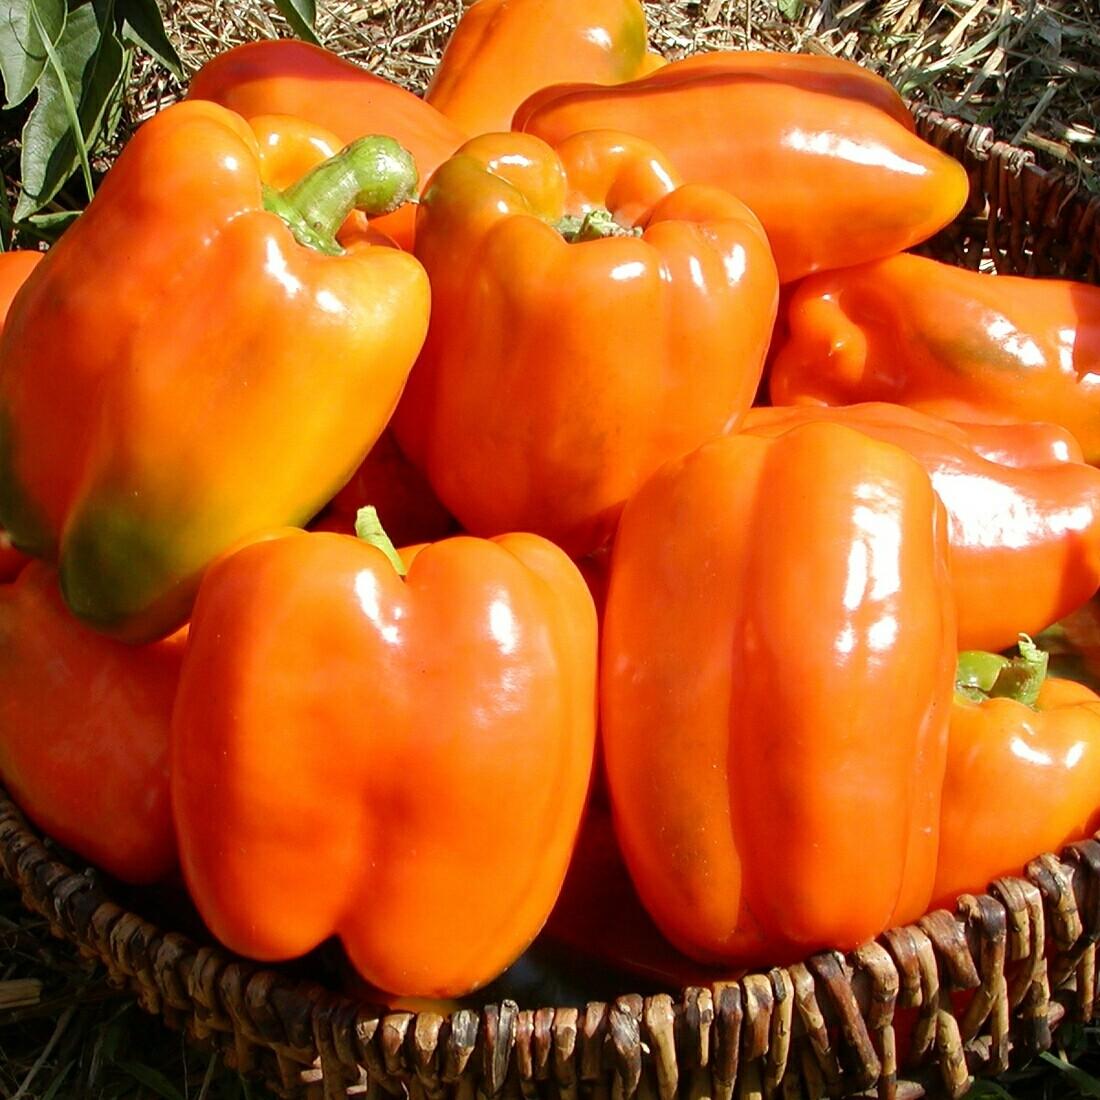 Poivrons oranges au kg